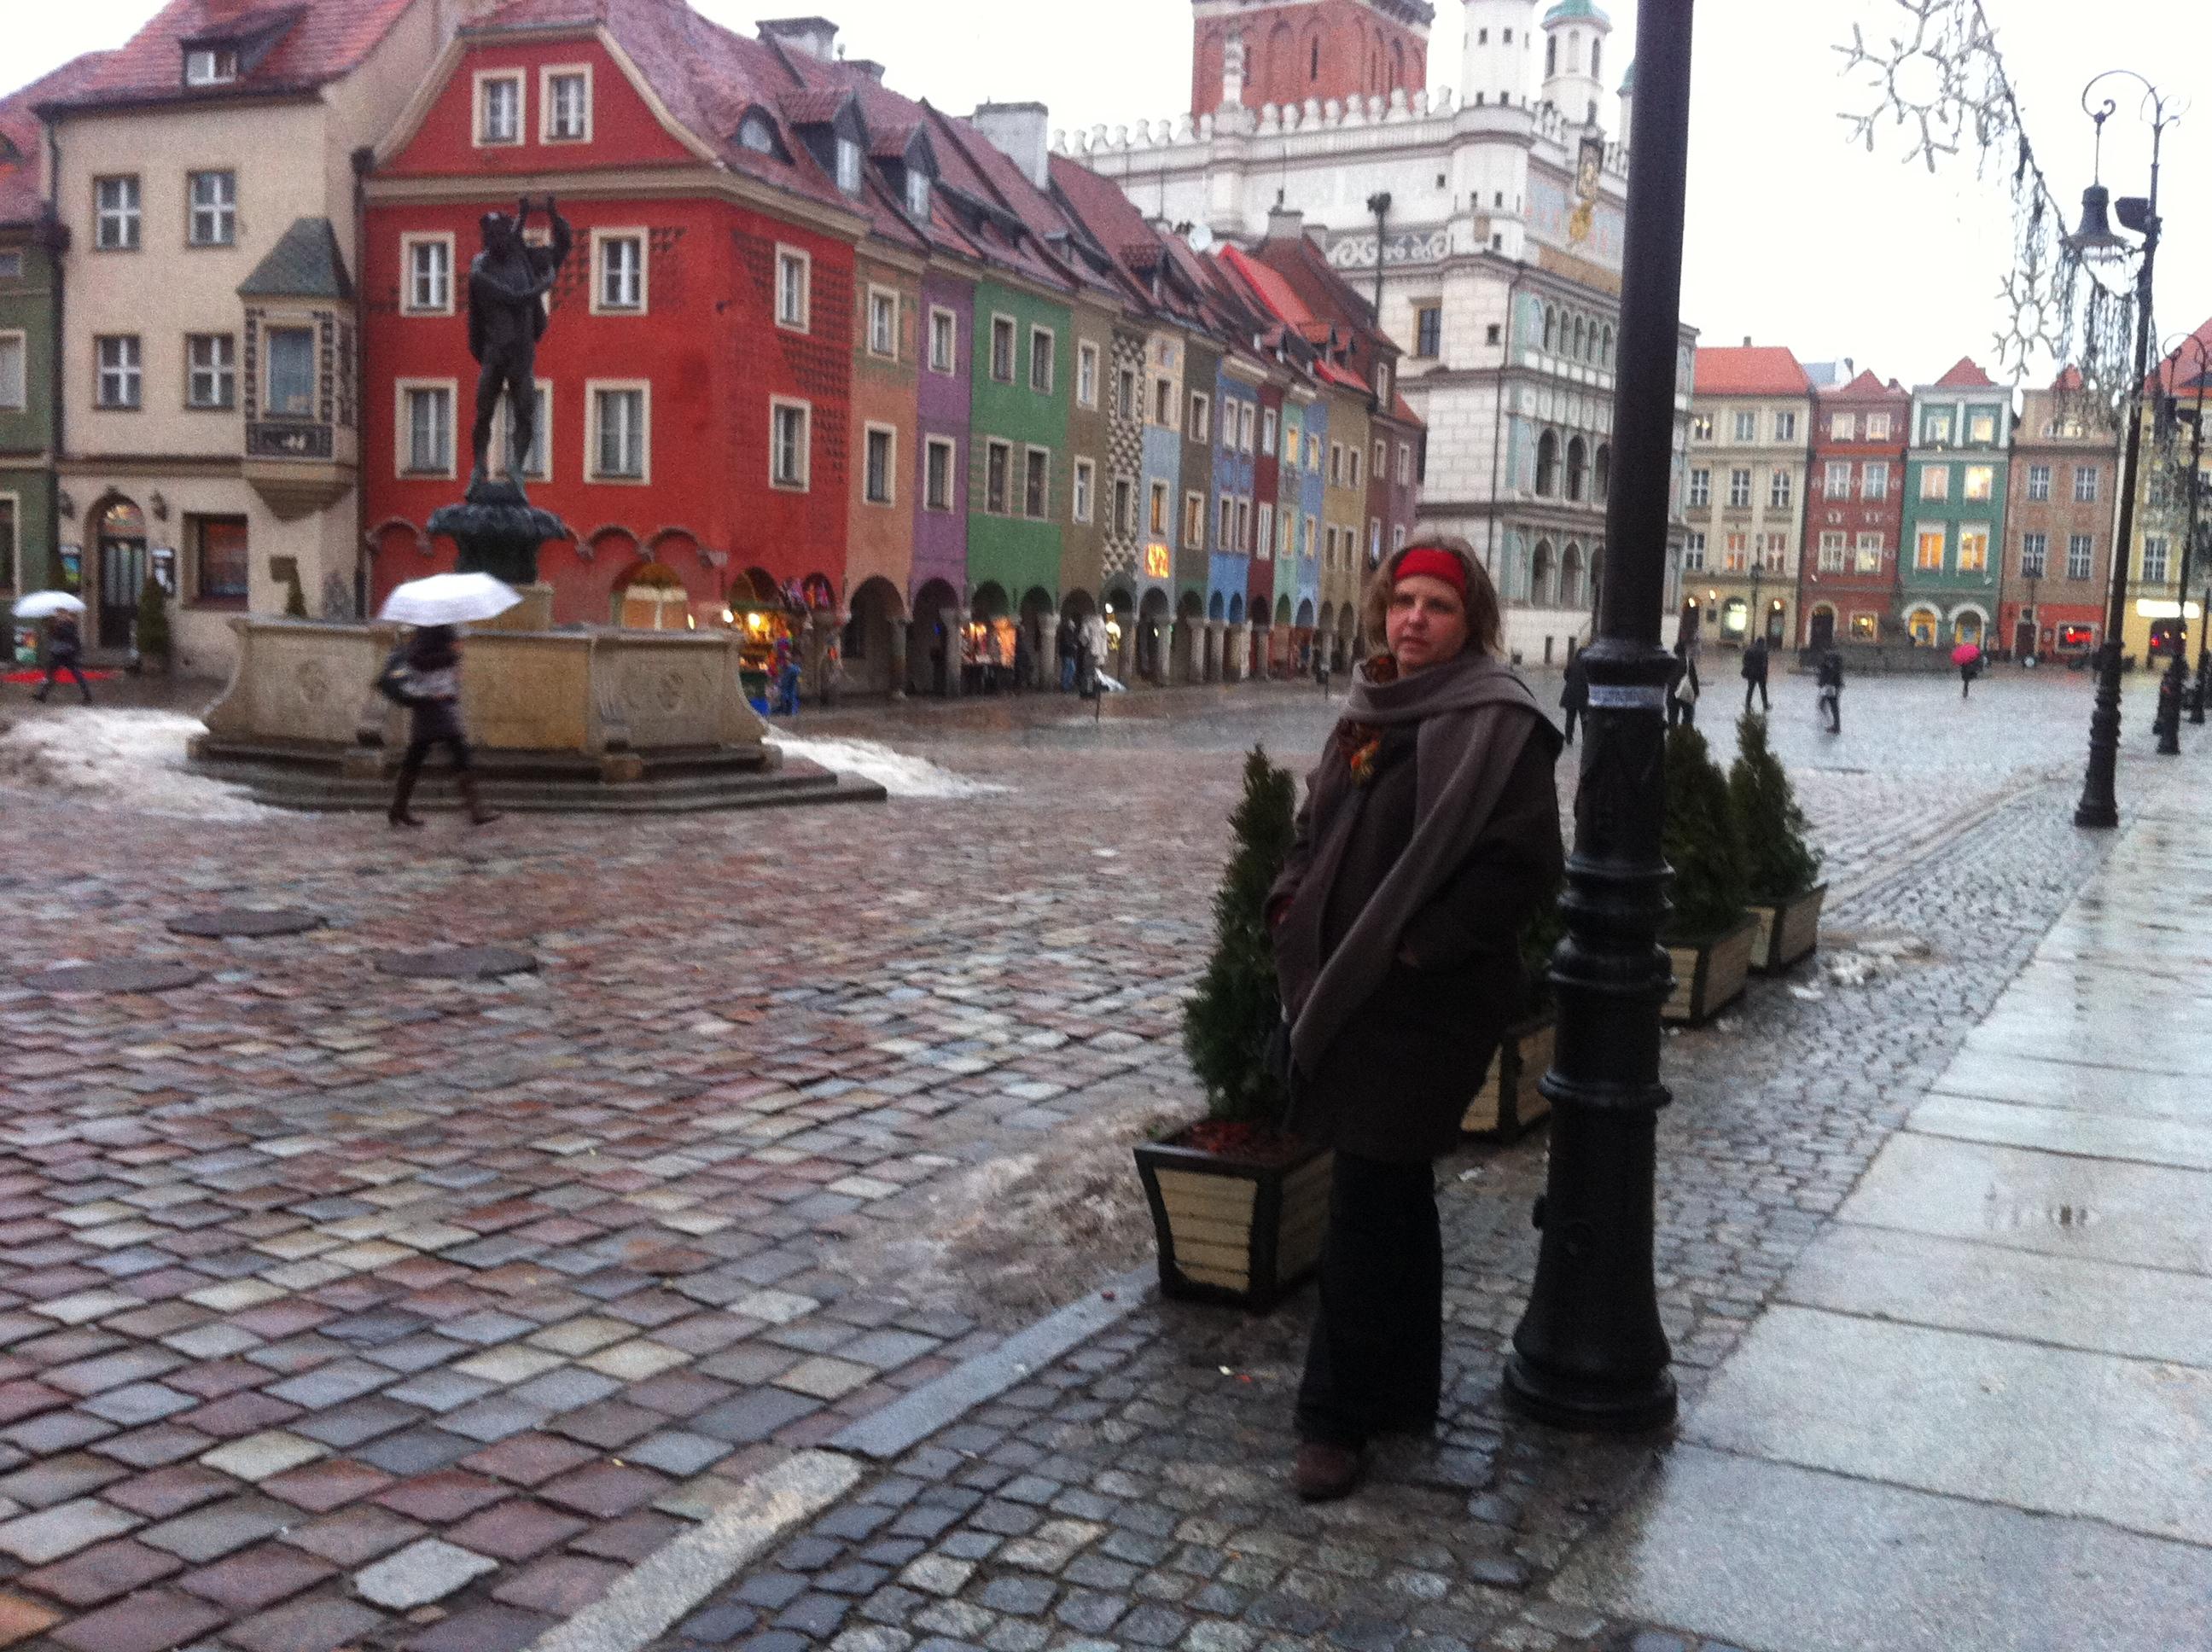 Marktplatz von Poznan (eigenes Bild)